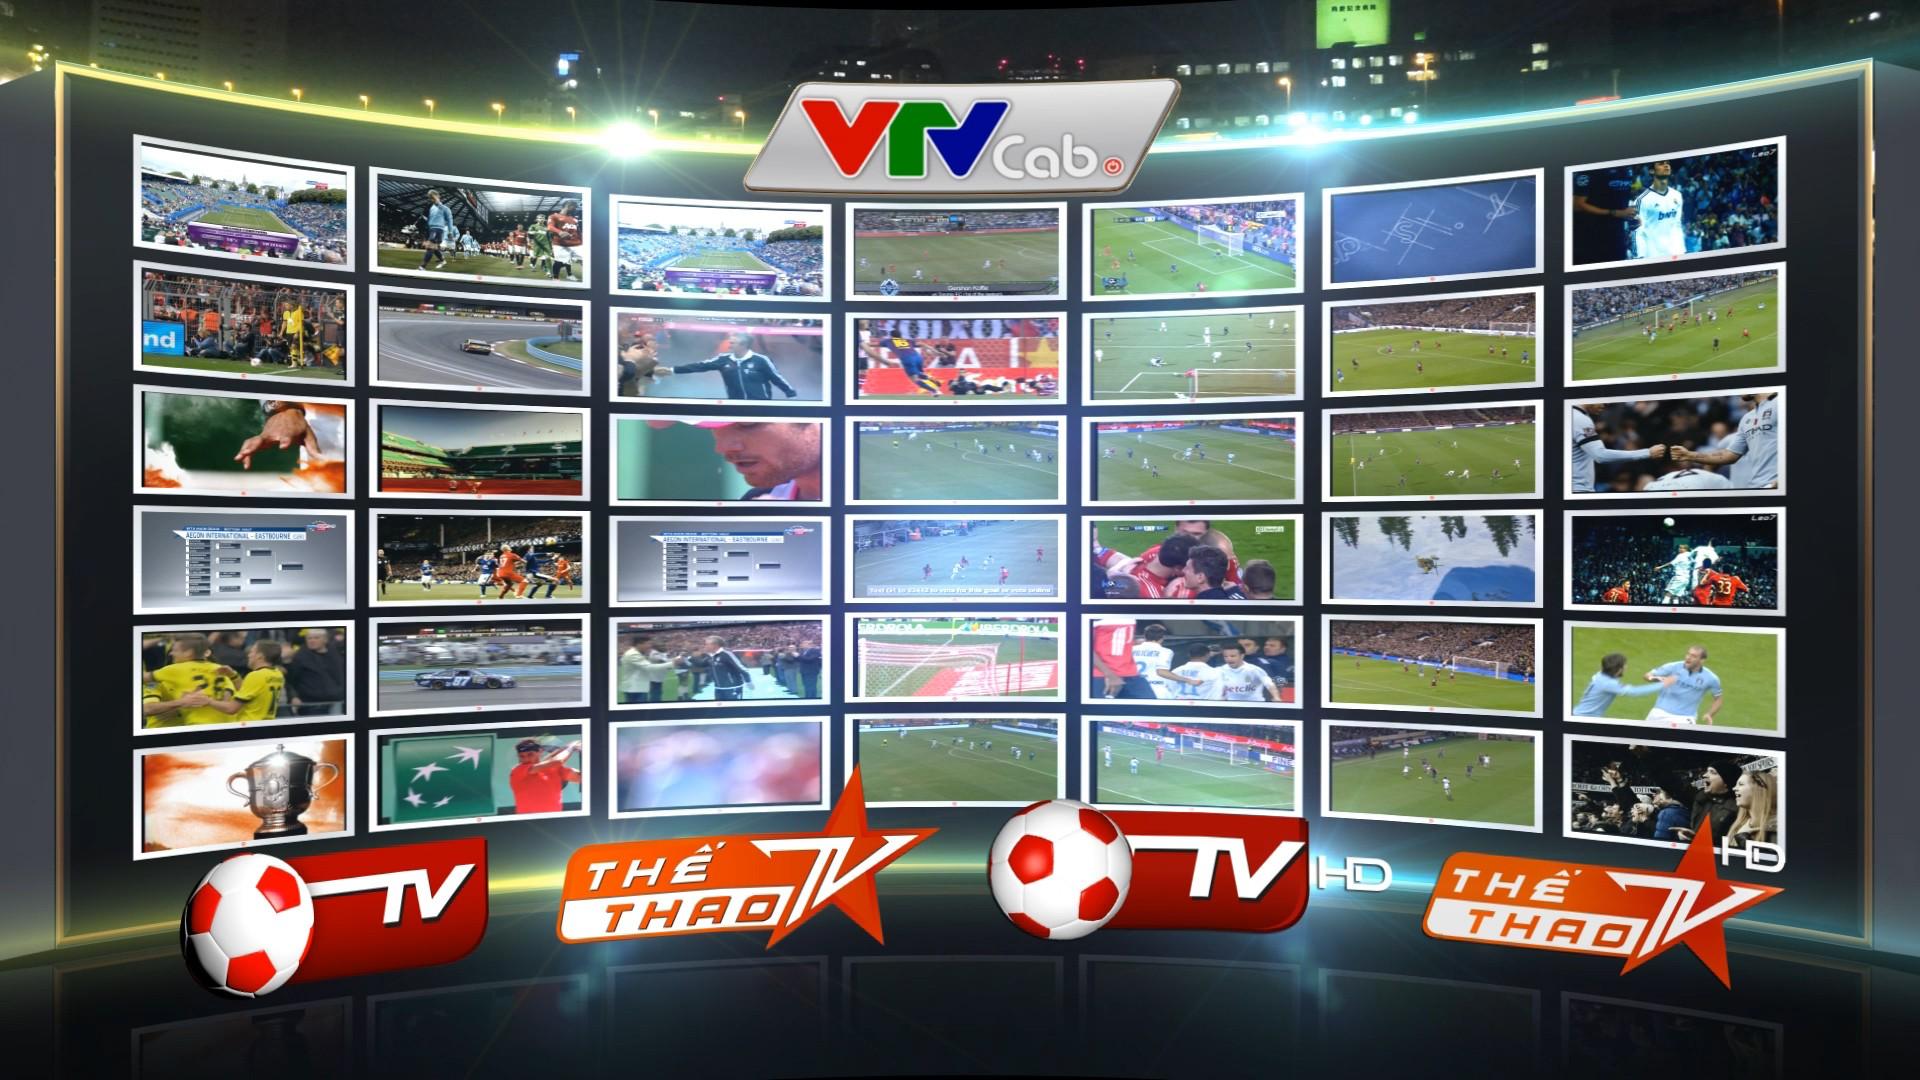 """Đấu giá VTVcab """"bét nhất"""" 140.900 đồng/cổ phần"""